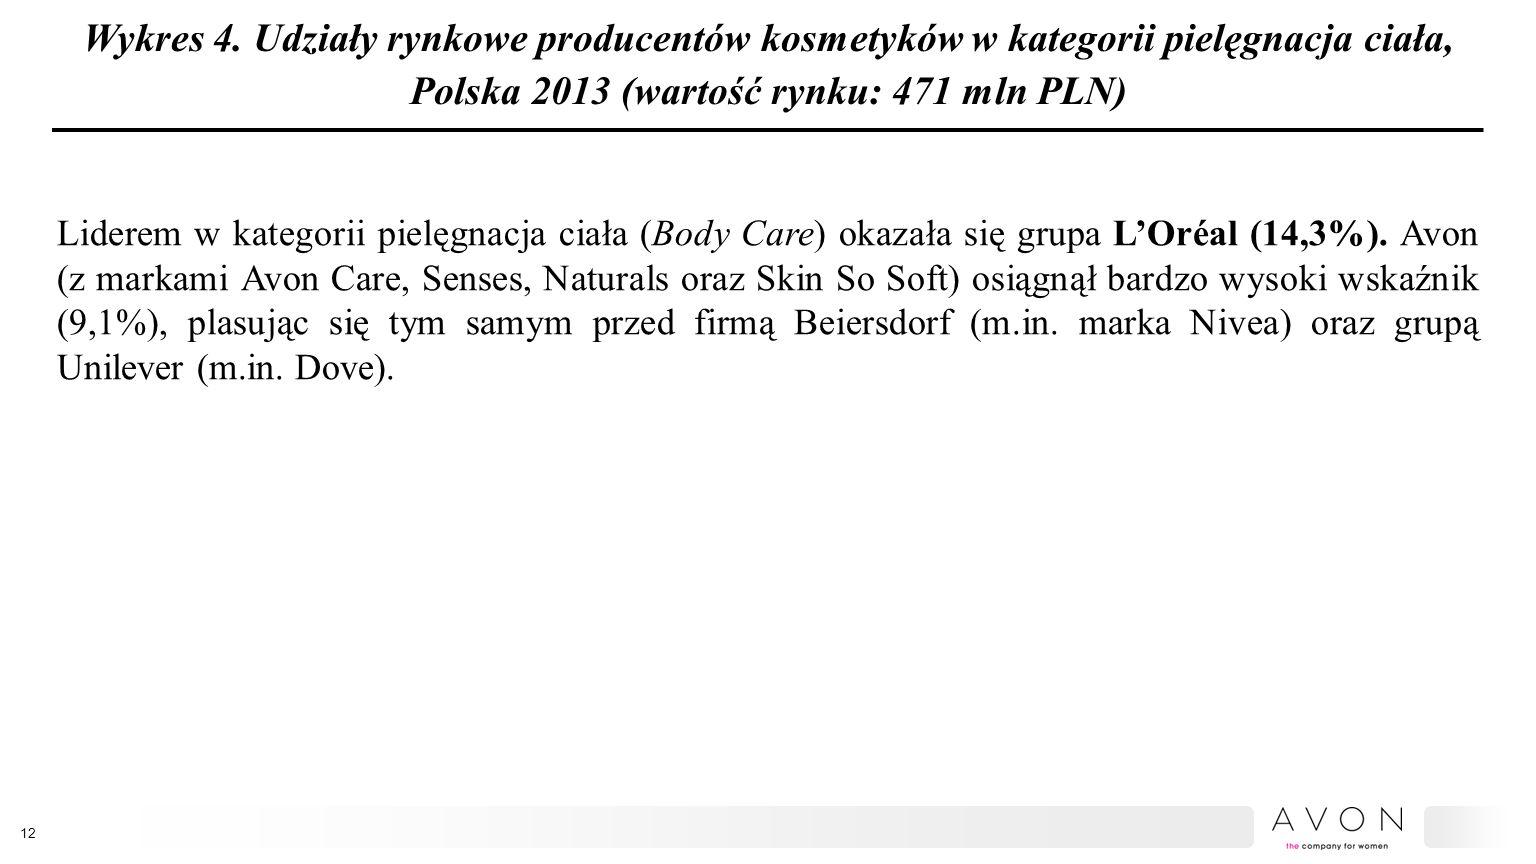 Wykres 4. Udziały rynkowe producentów kosmetyków w kategorii pielęgnacja ciała, Polska 2013 (wartość rynku: 471 mln PLN)